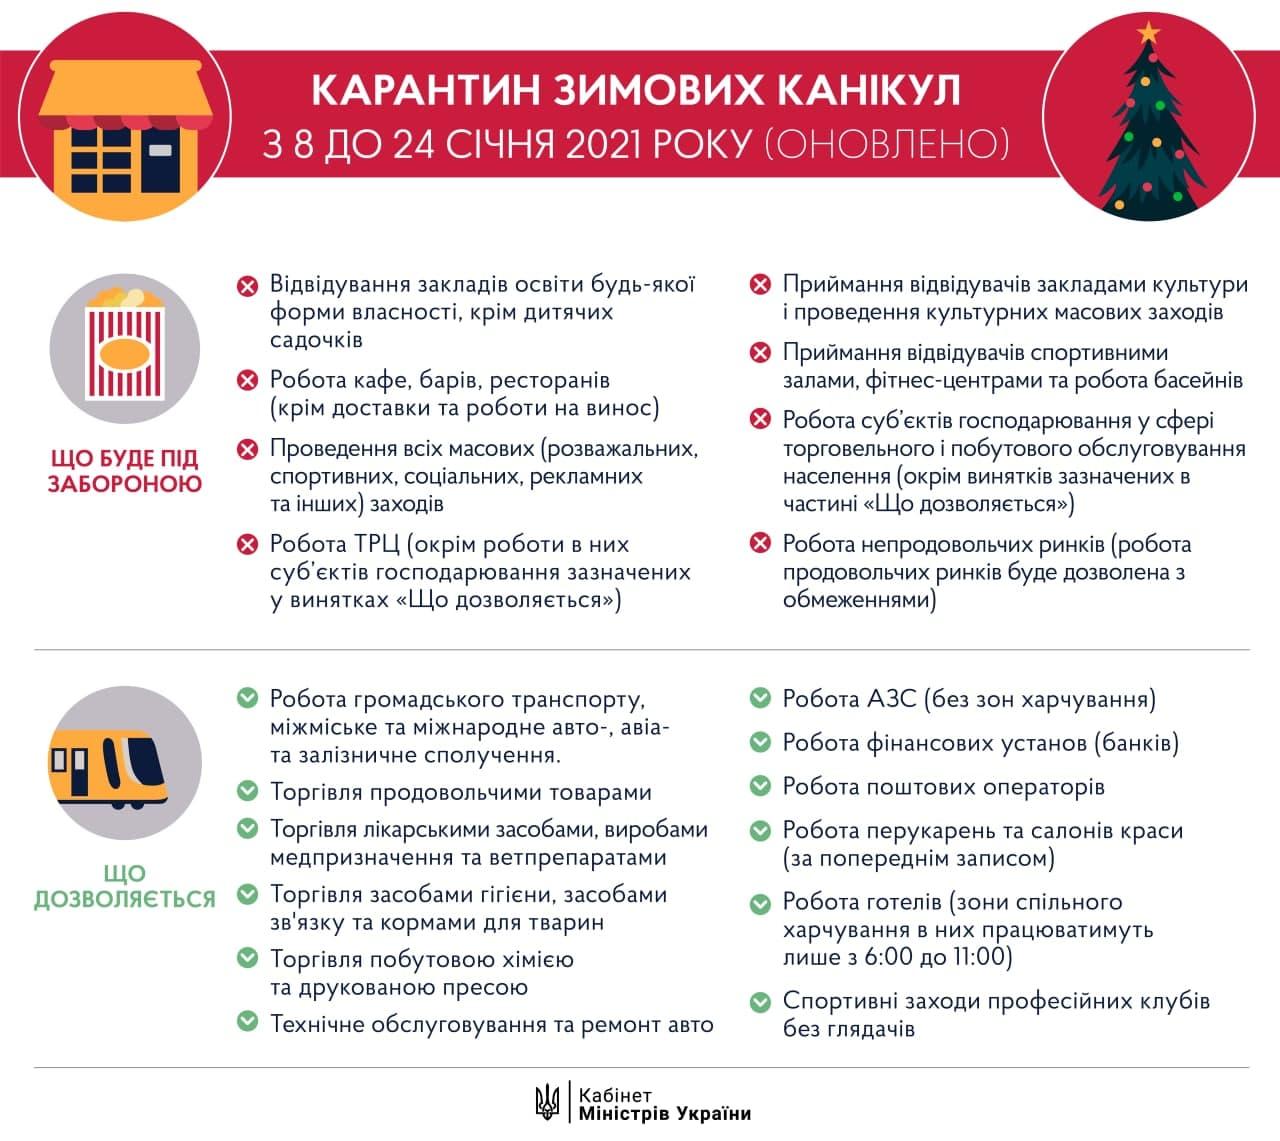 Локдаун в Україні набув чинності: що дозволено